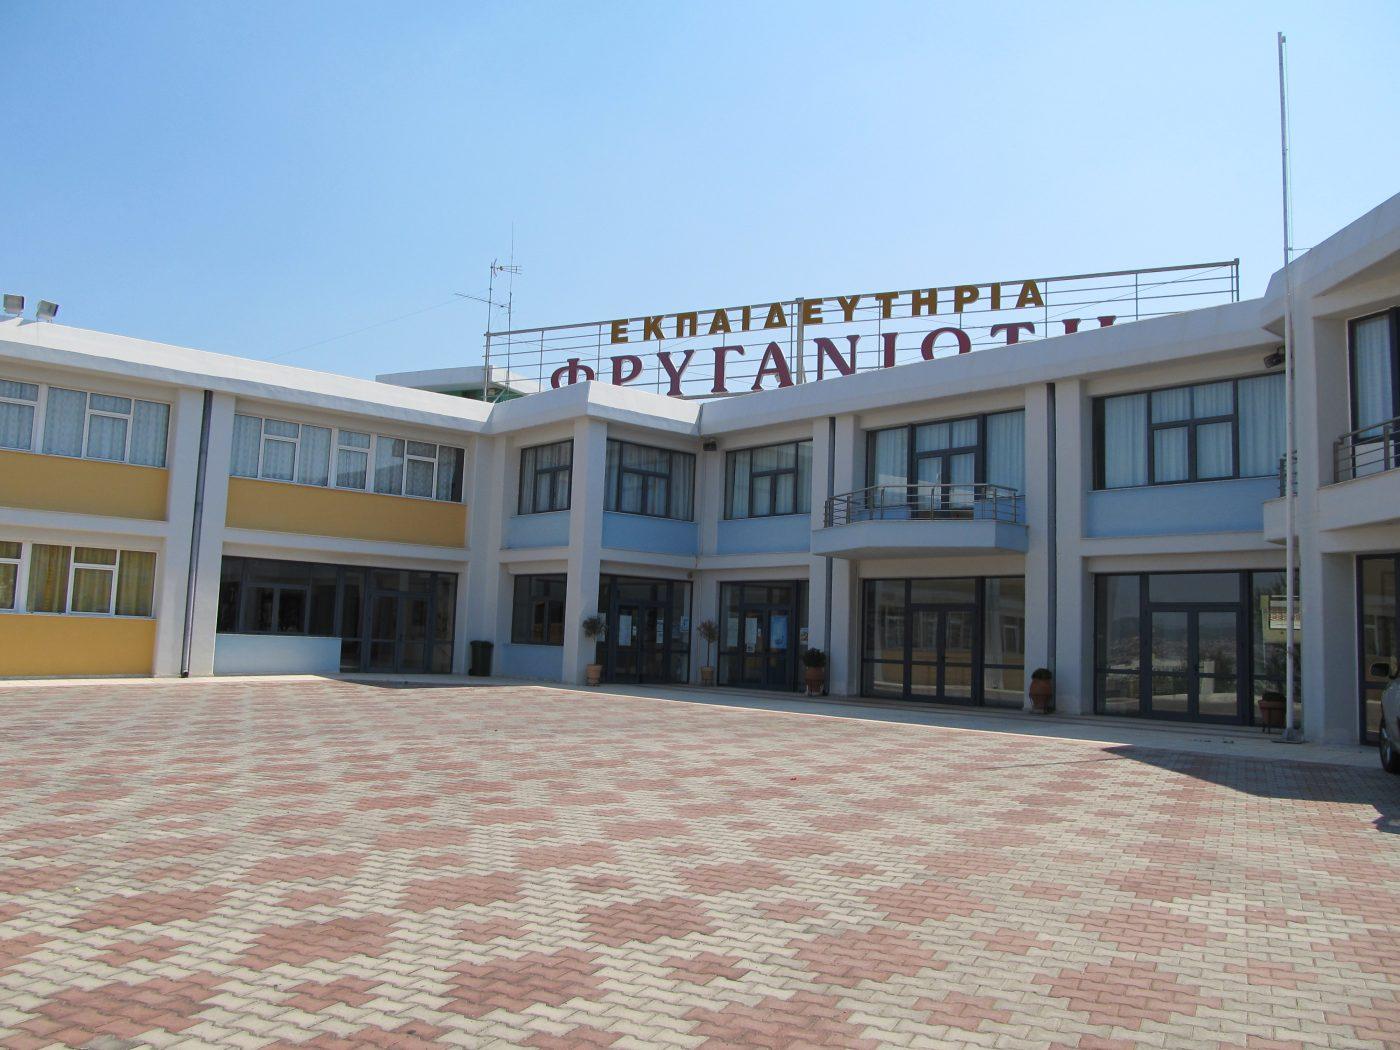 Θερμομόνωση δώματος στα εκπαιδευτήρια Φρυγανιώτη στην Θεσσαλονίκη με το Politerm Blu σε επιφάνεια 1.000sqm